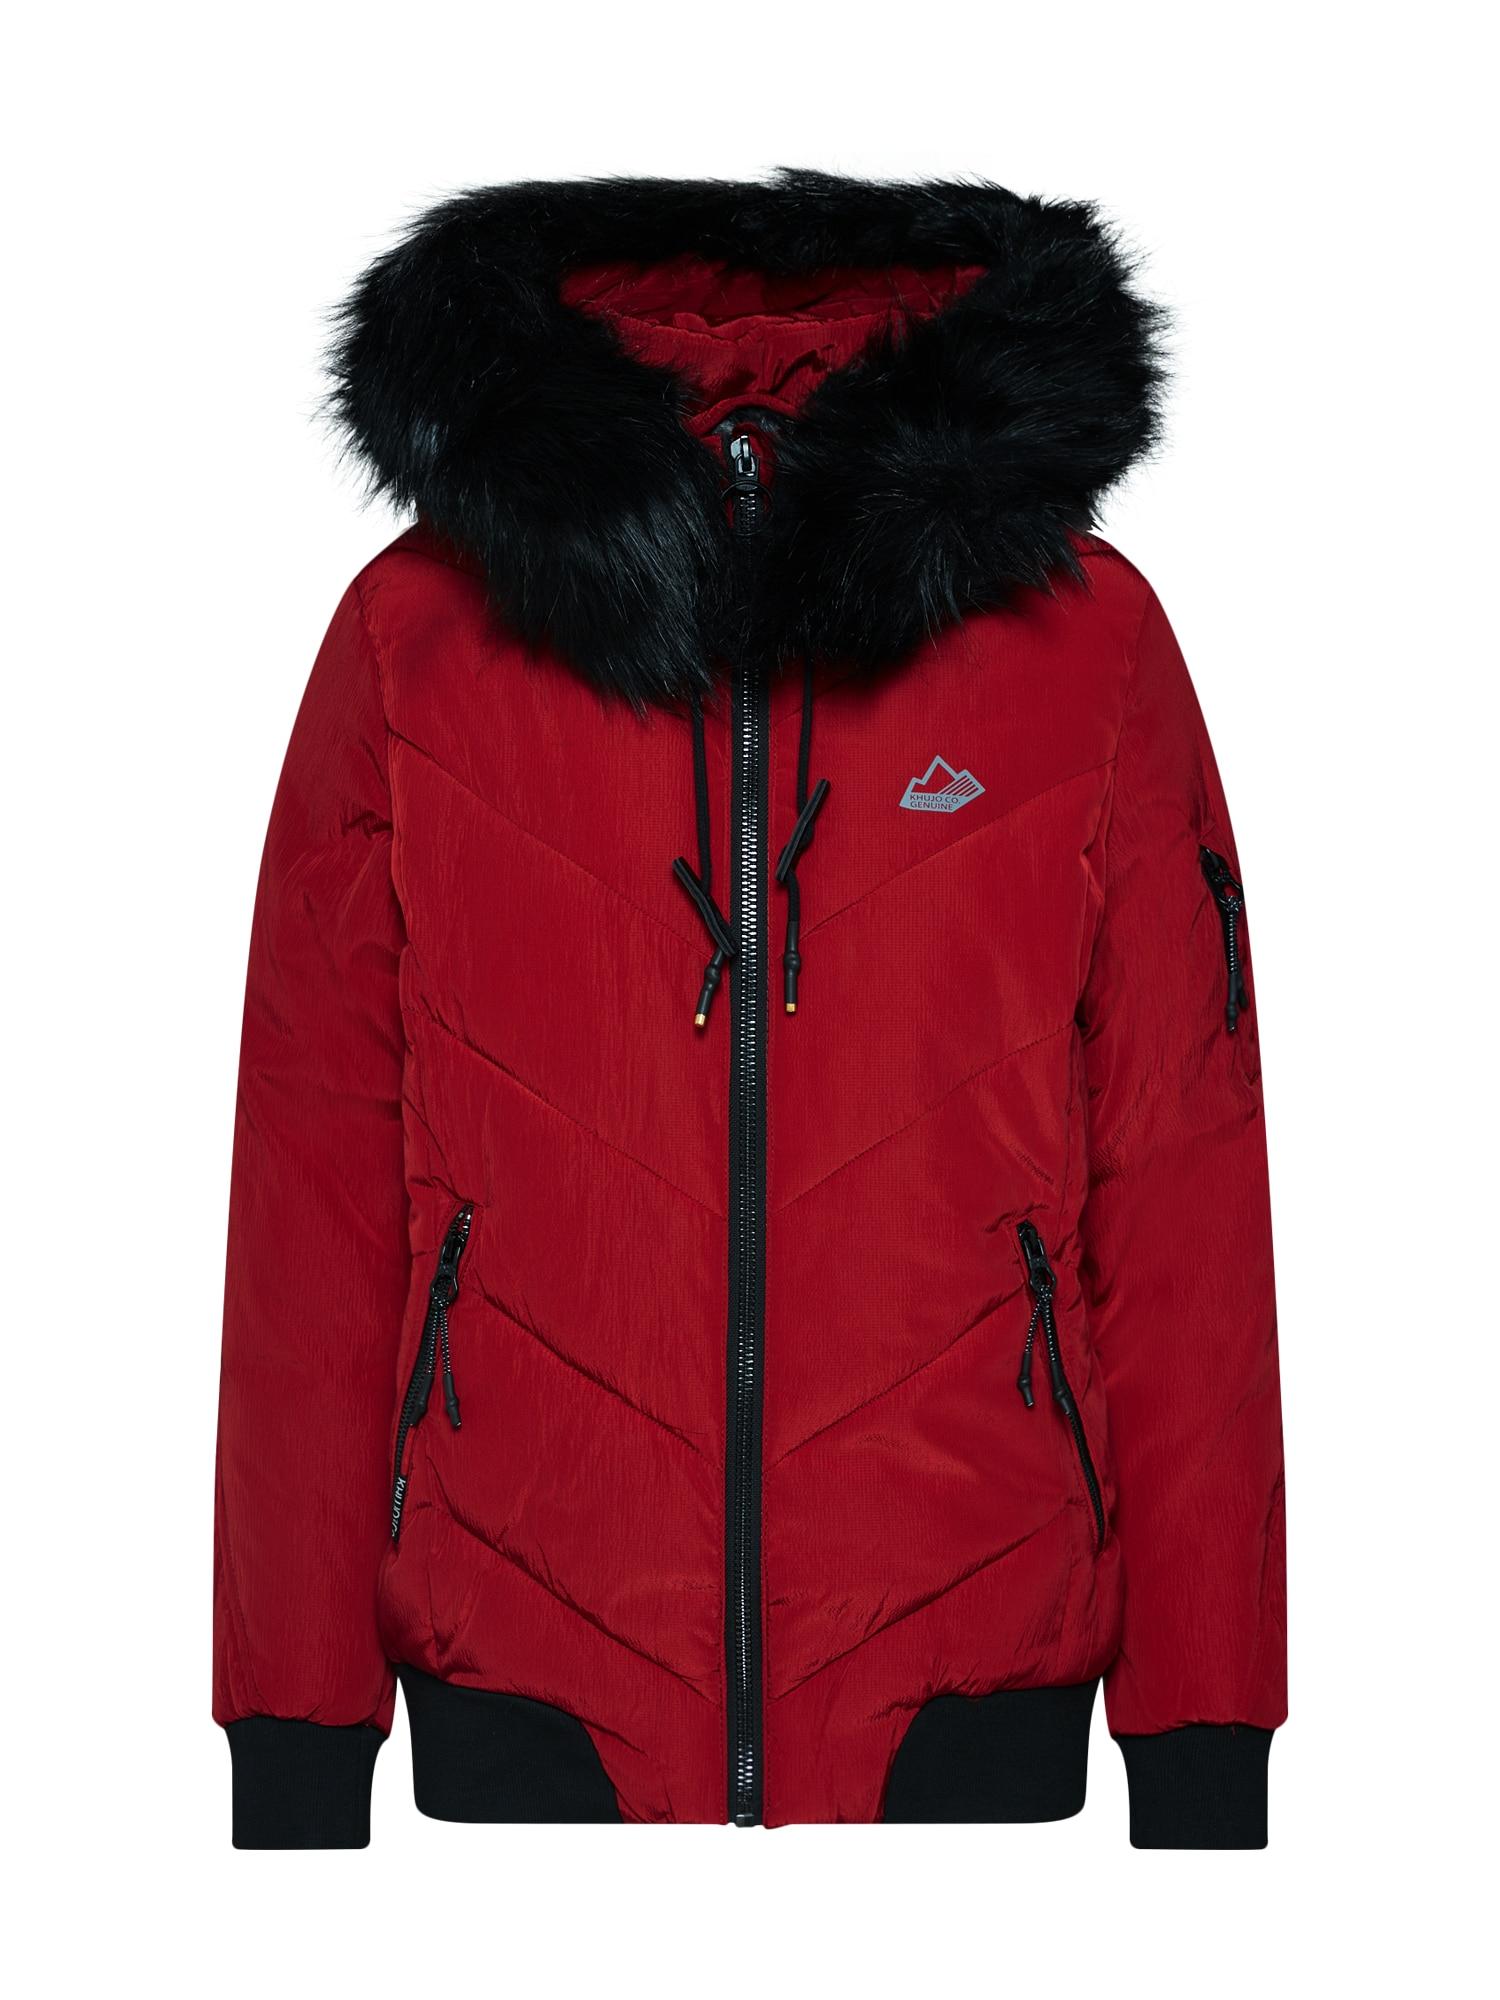 Zimní bunda CIWANA WITH DET. HOOD červená černá Khujo